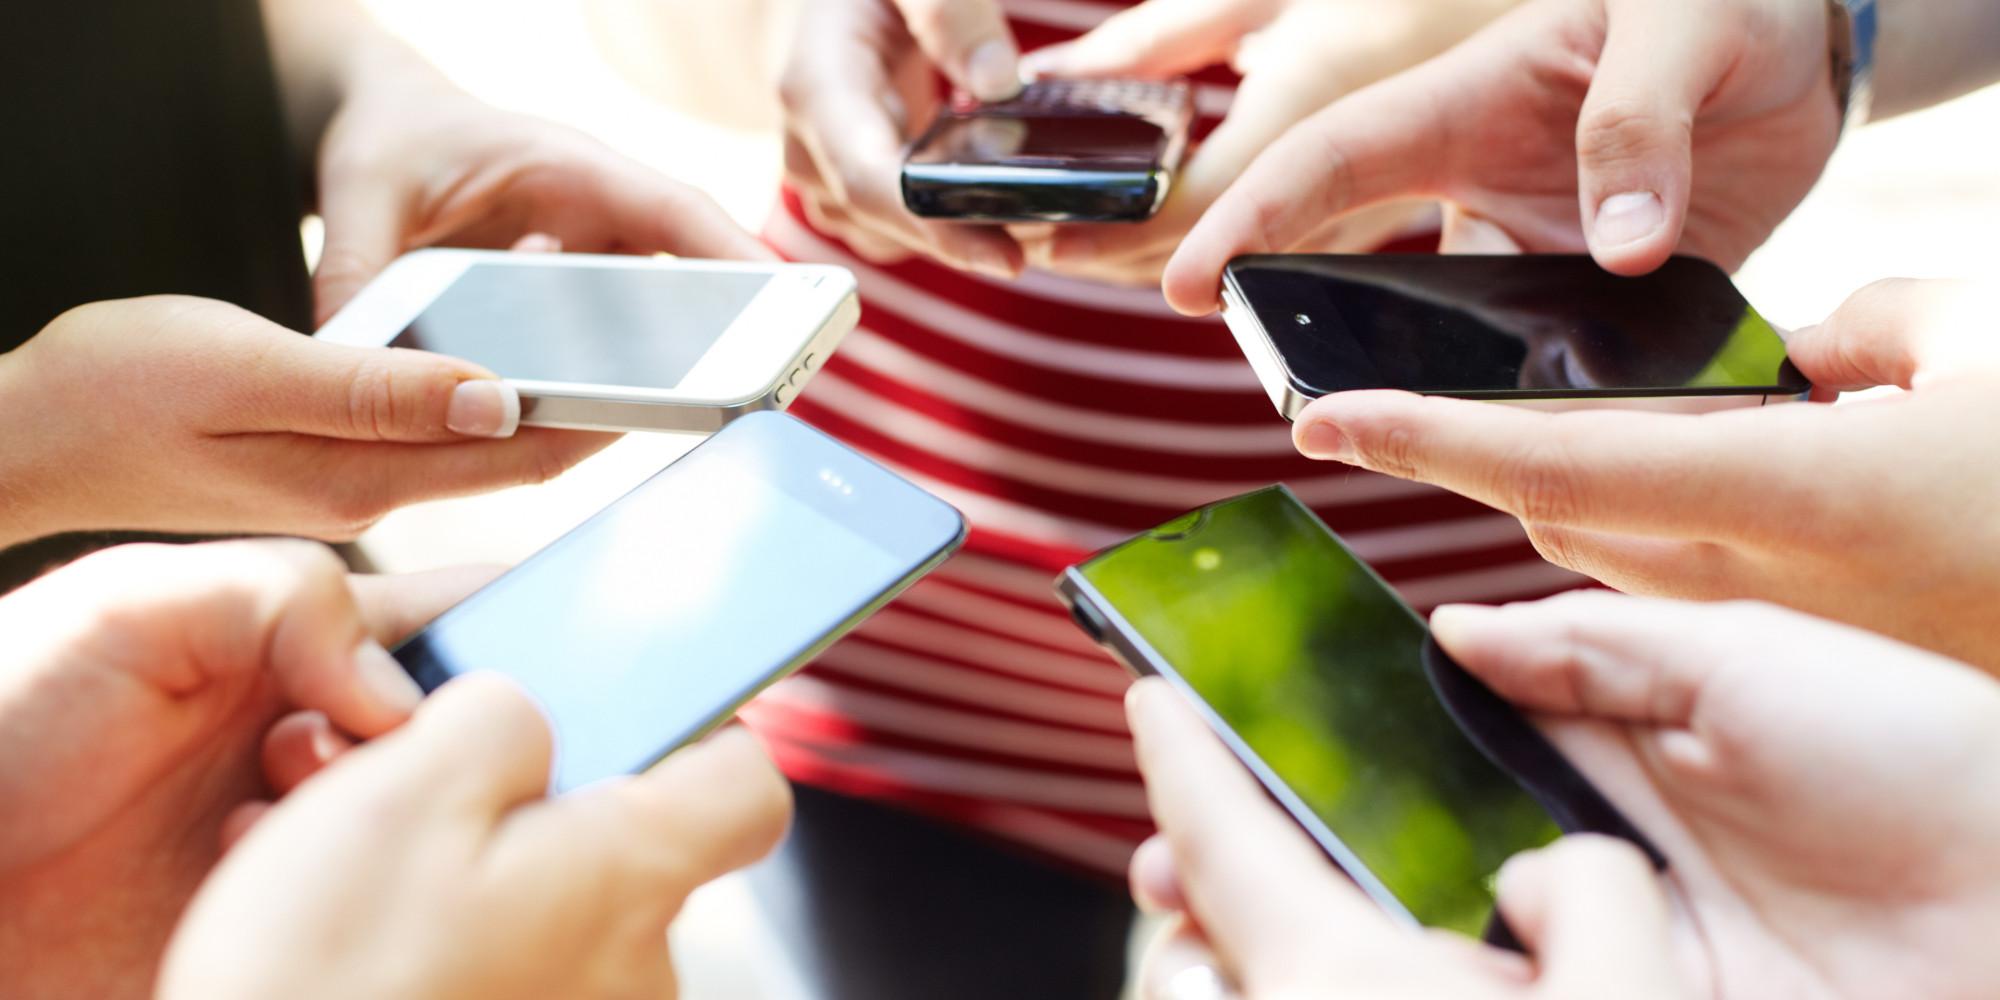 15 вещей, которые мы упускаем, постоянно смотря в телефон